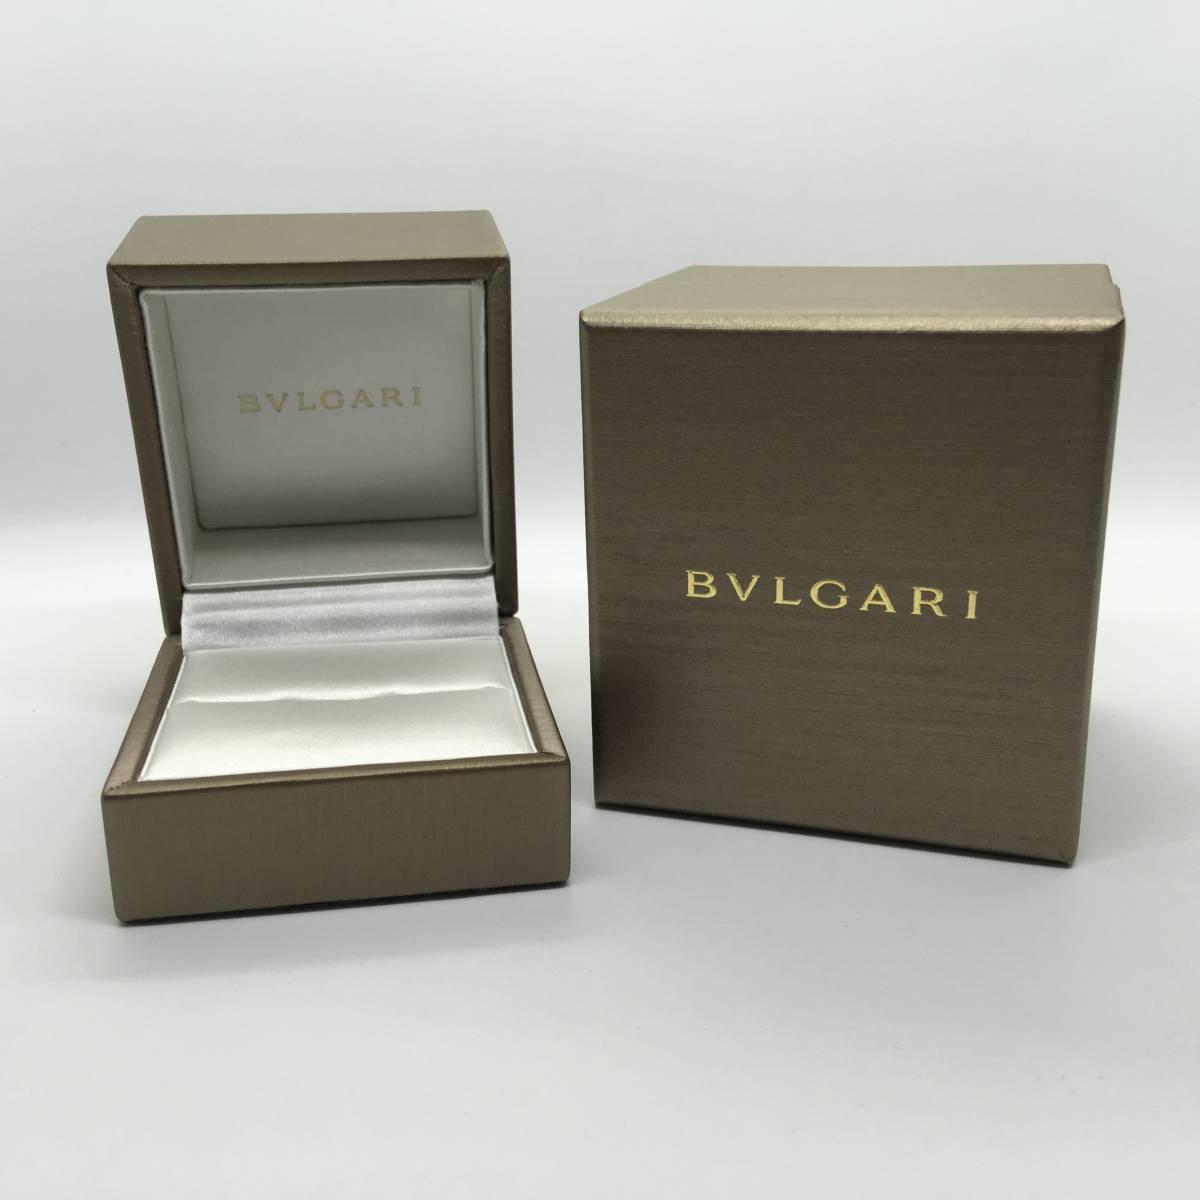 new styles 7c0c8 7bcec 08215 ブルガリ BVLGARI 箱 ケース ボックス 純正 リング 指輪 美品